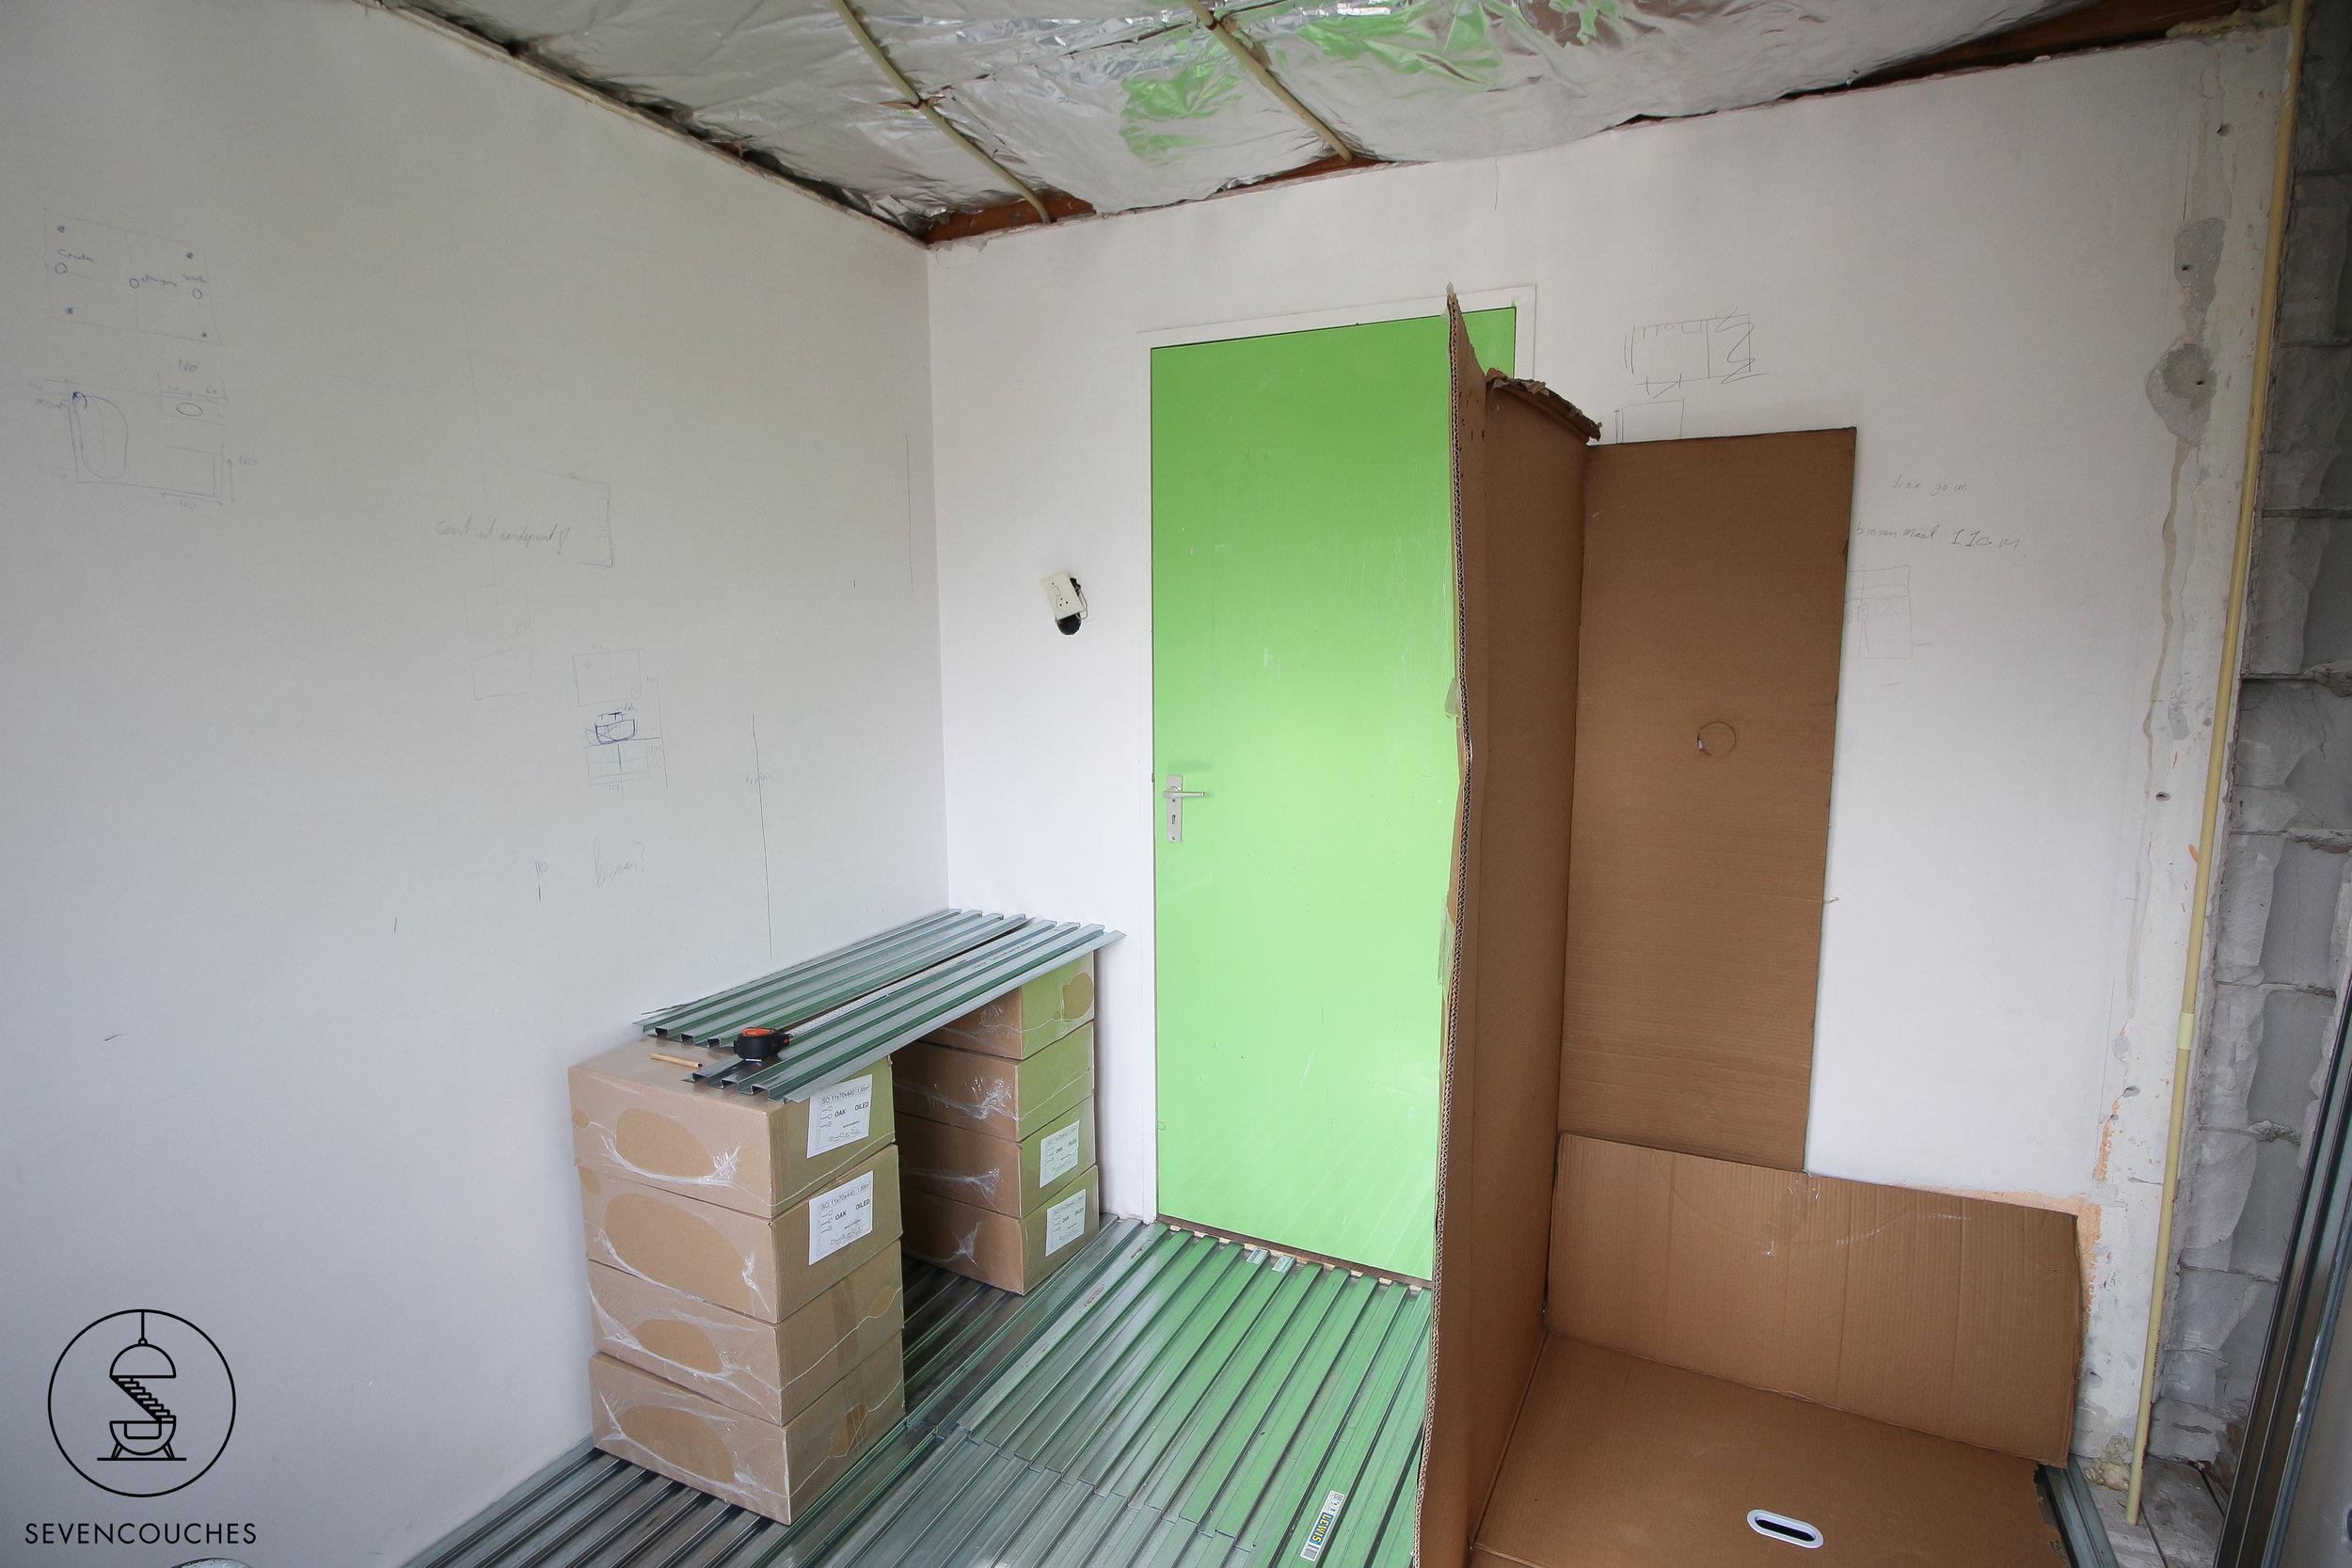 sevencouches verbouwt: van start en nóg meer renovatieplannen?